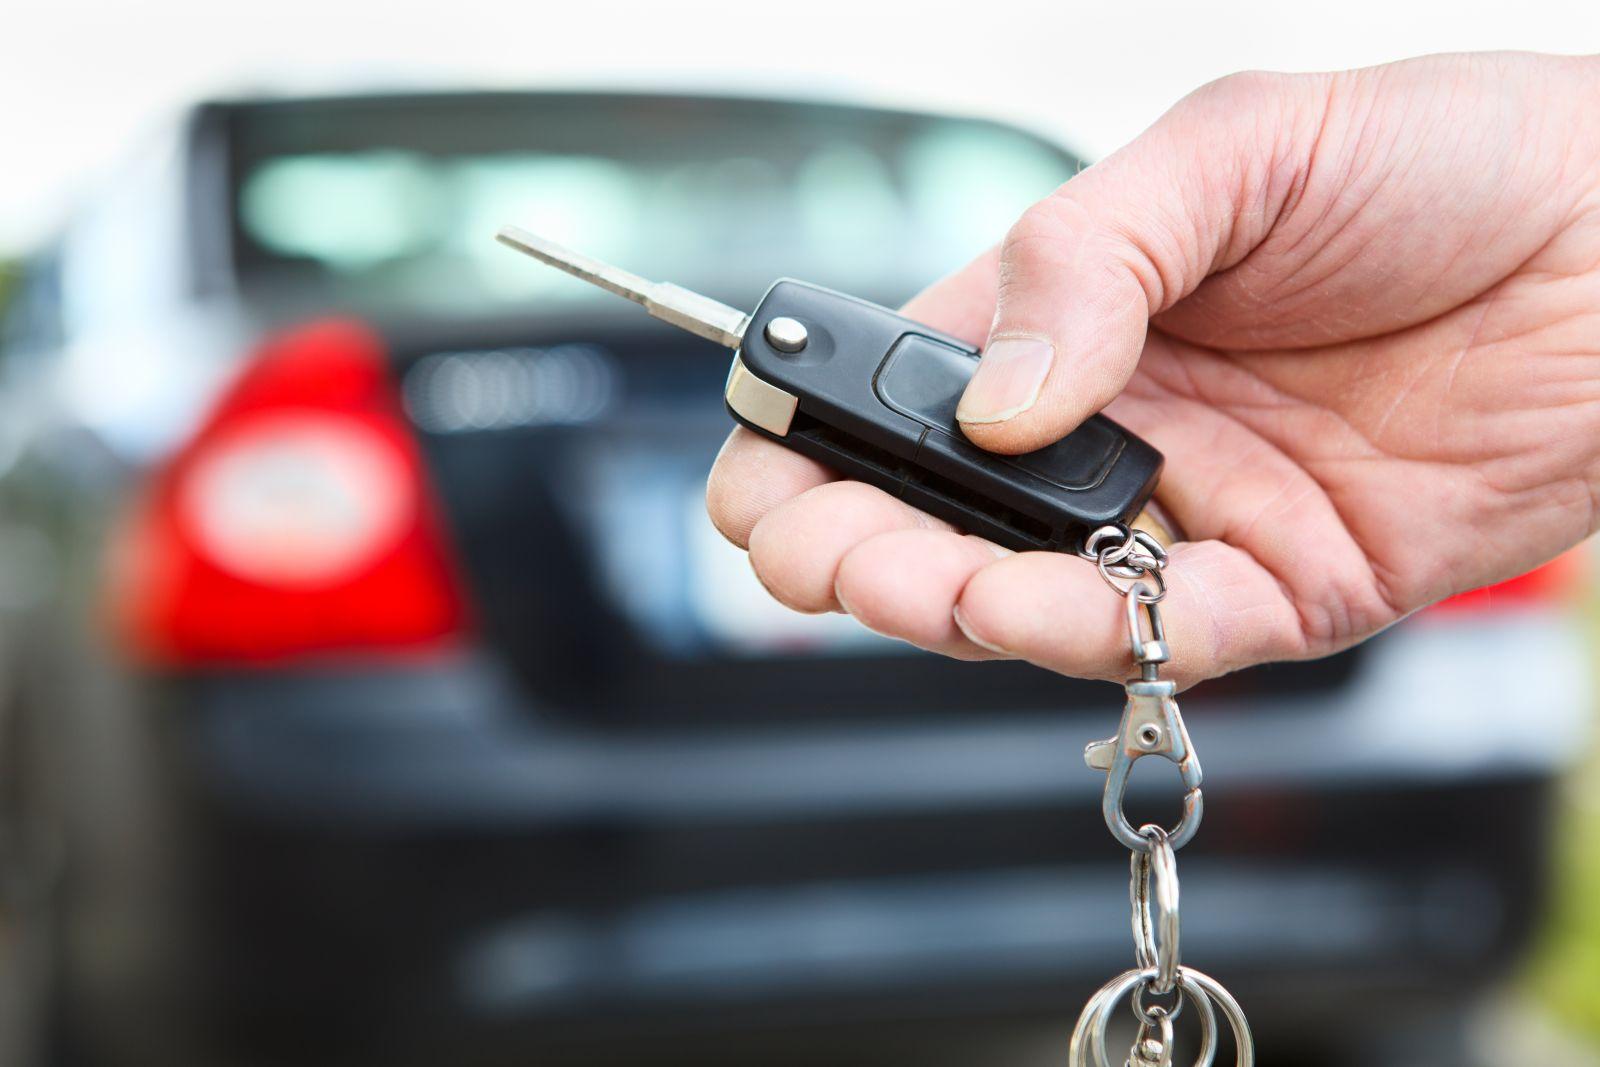 Установка и подключение сигнализации на авто своими руками